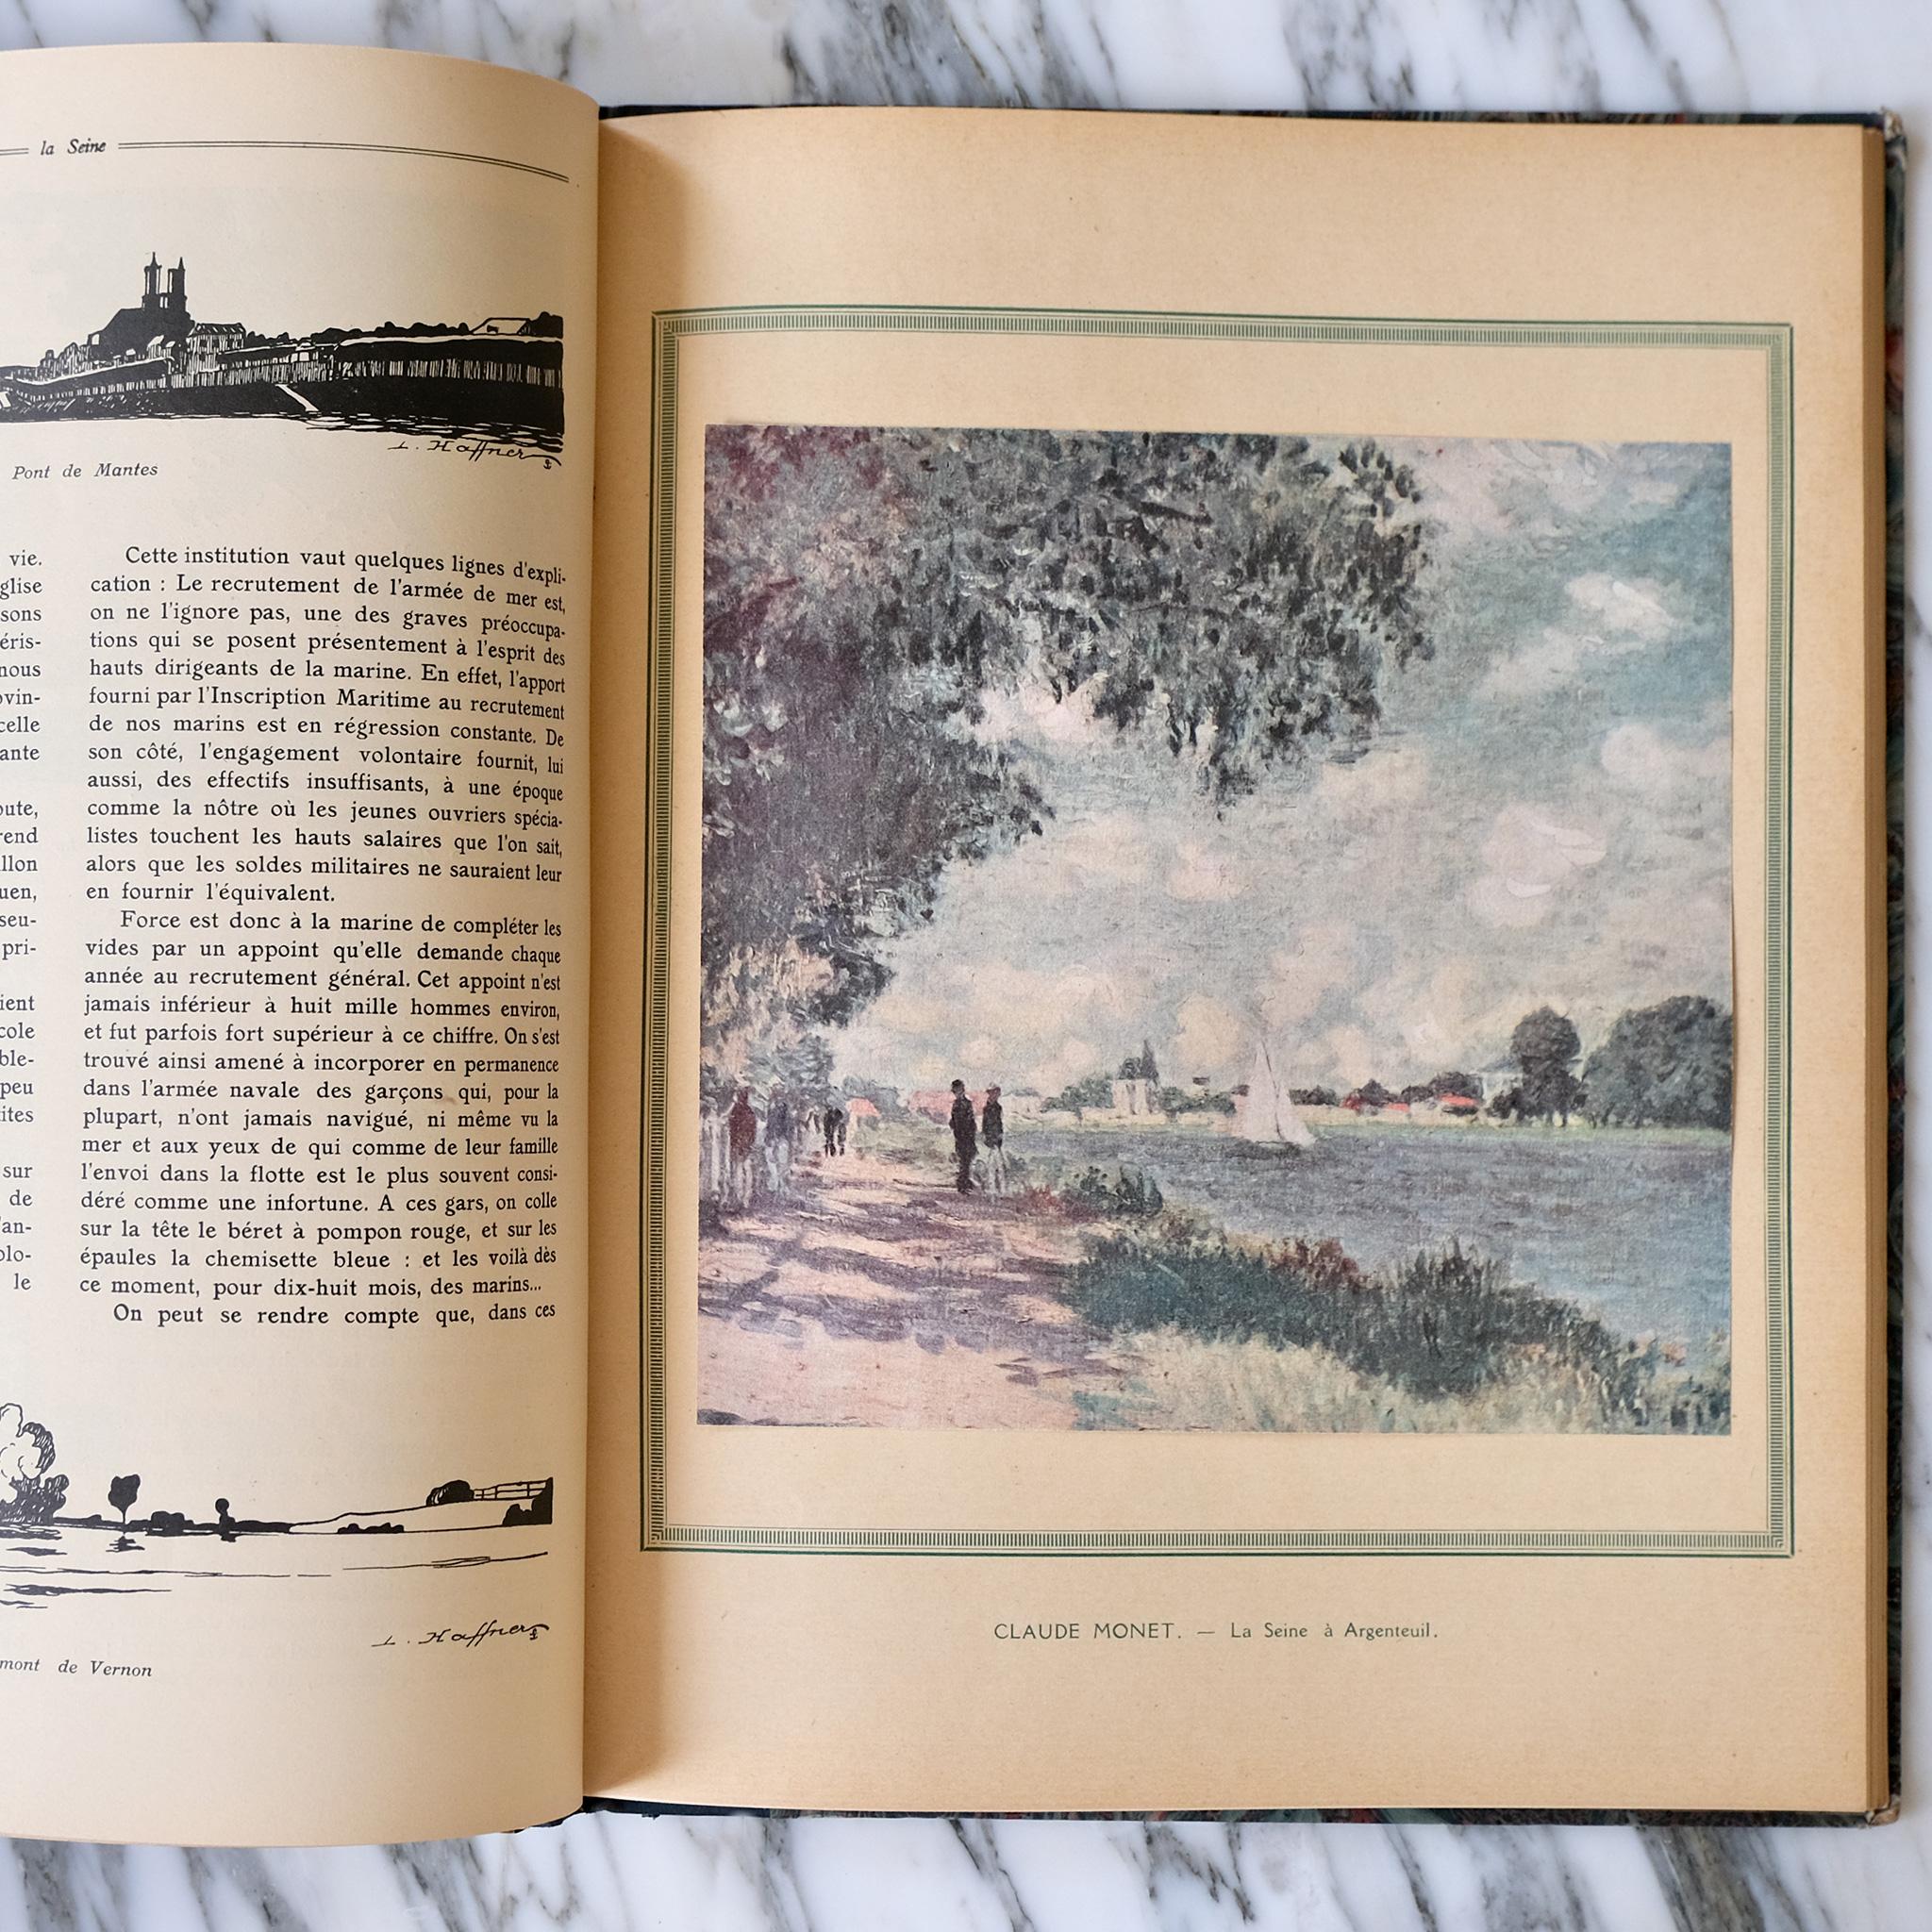 La Seine Croquis & Souvenirs book